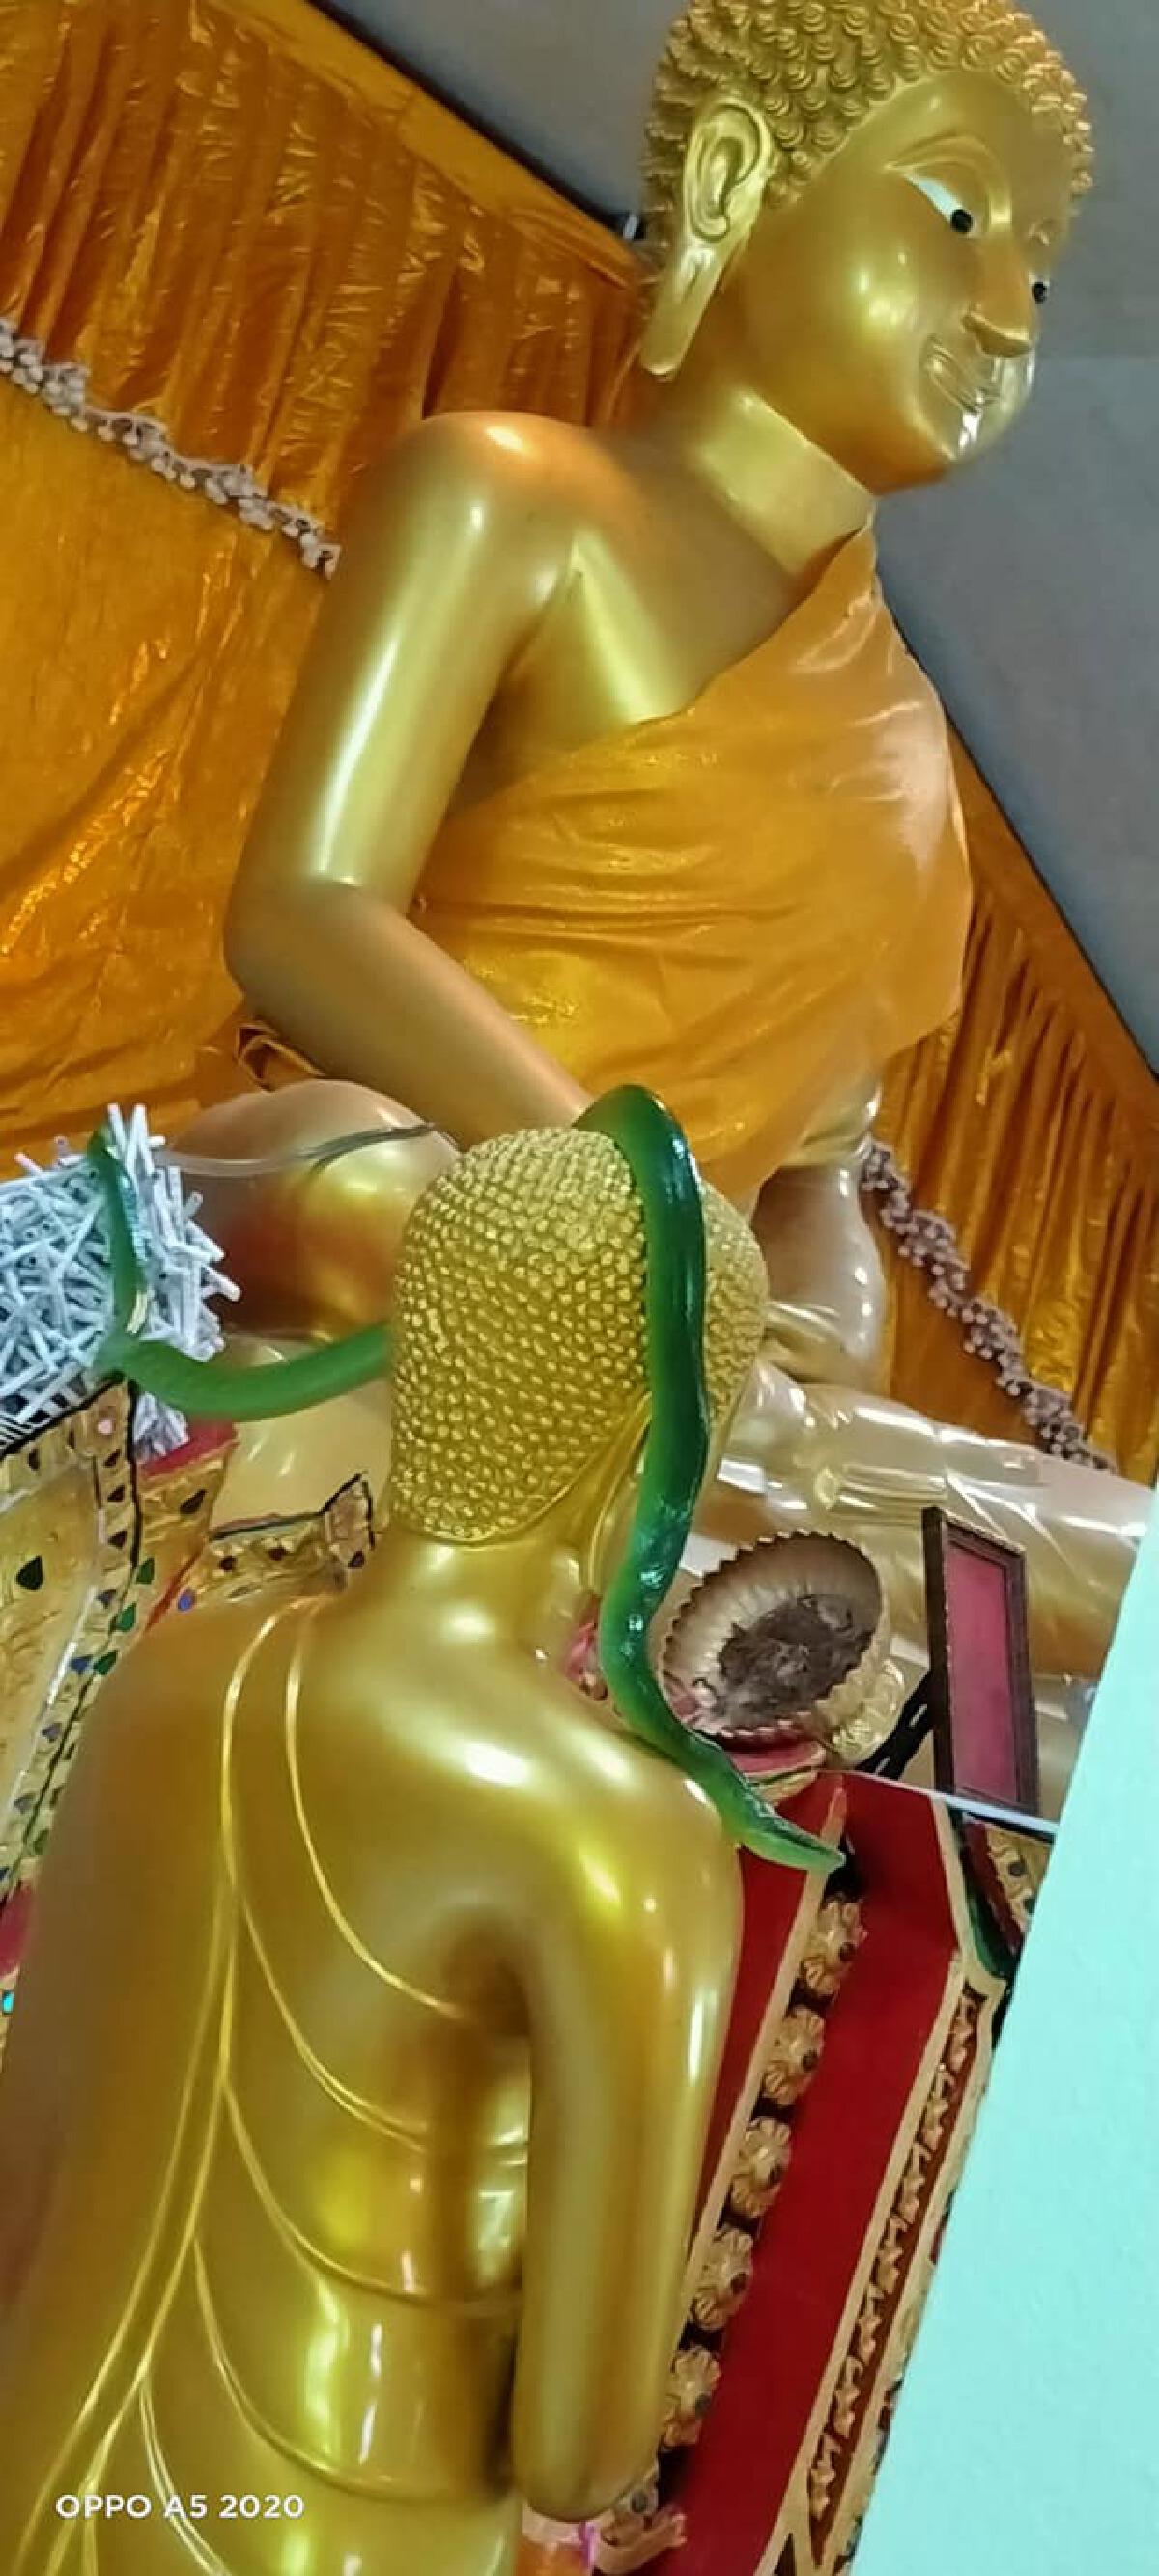 พระสงฆ์เผยภาพงูเขียวสีมรกต ขดบนเศียรพระพุทธรูปในวันพระ